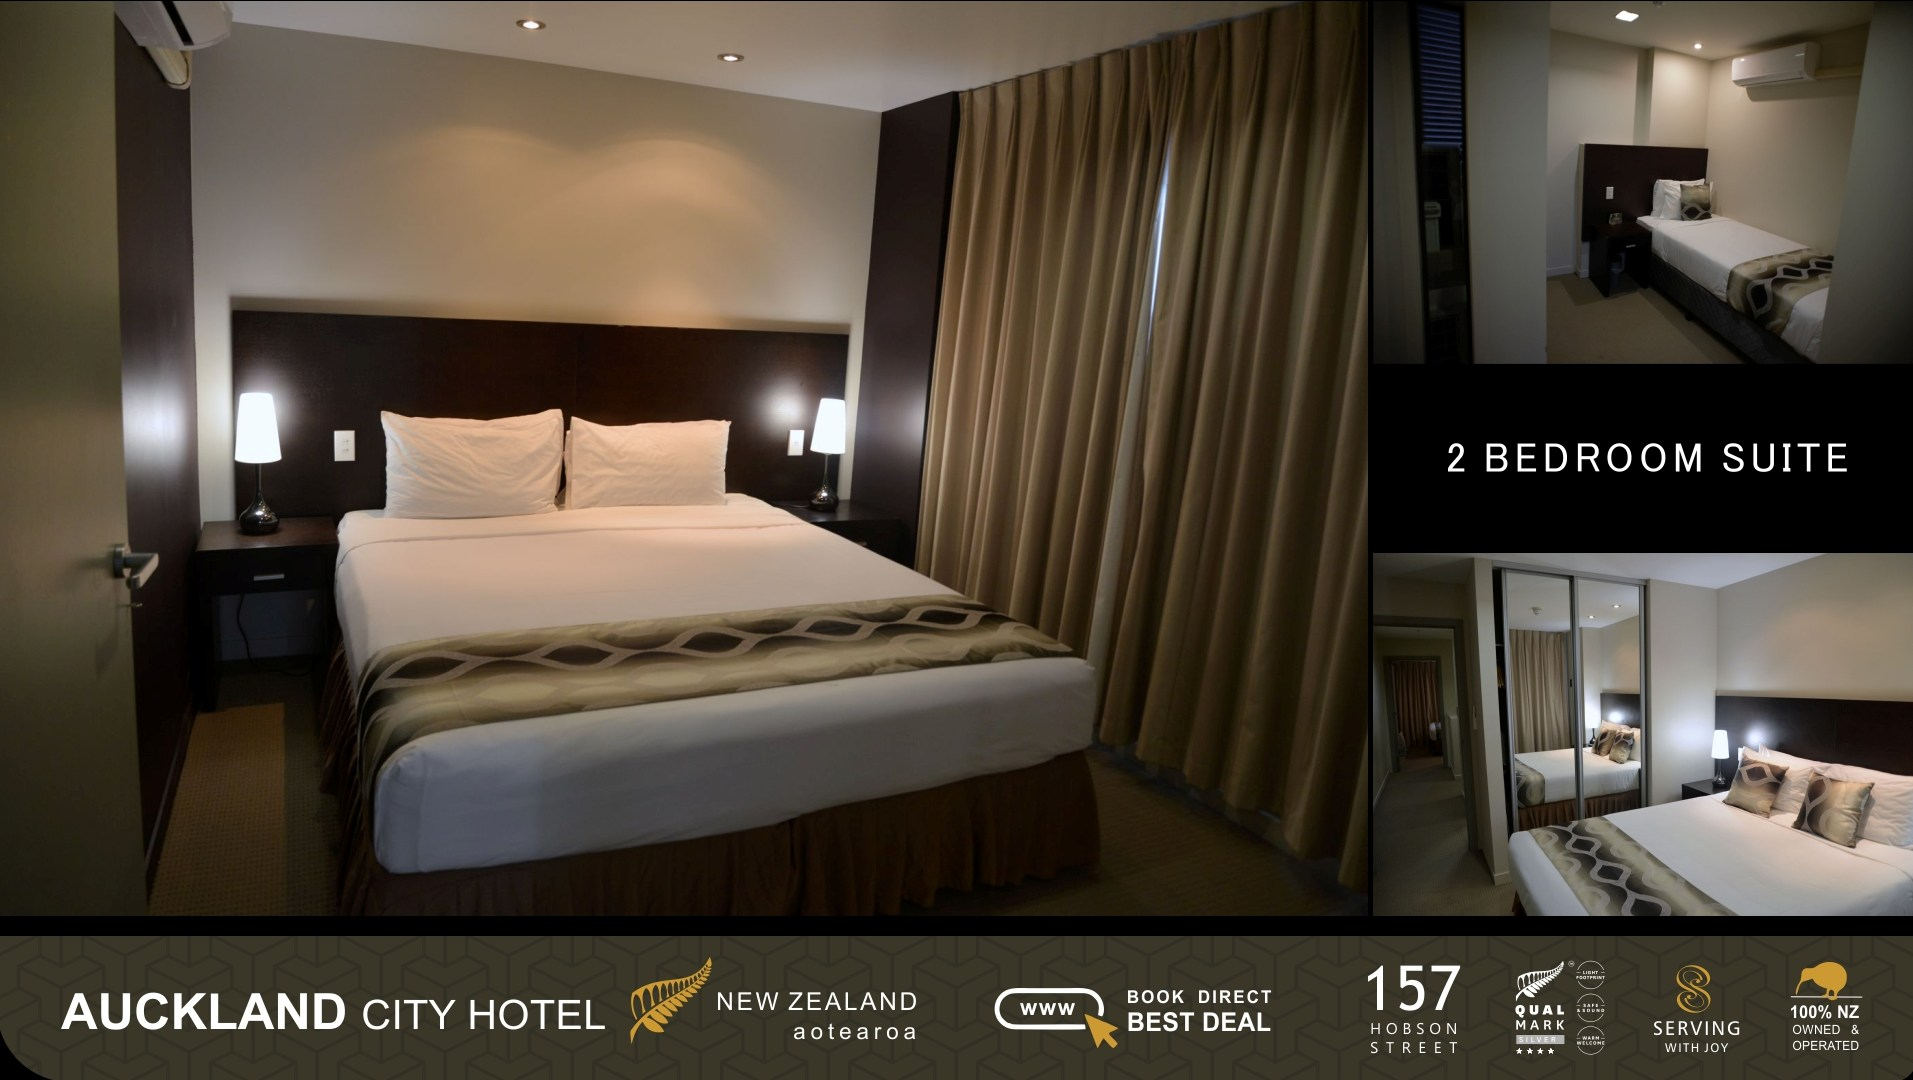 2 bed suite room 2019.jpg